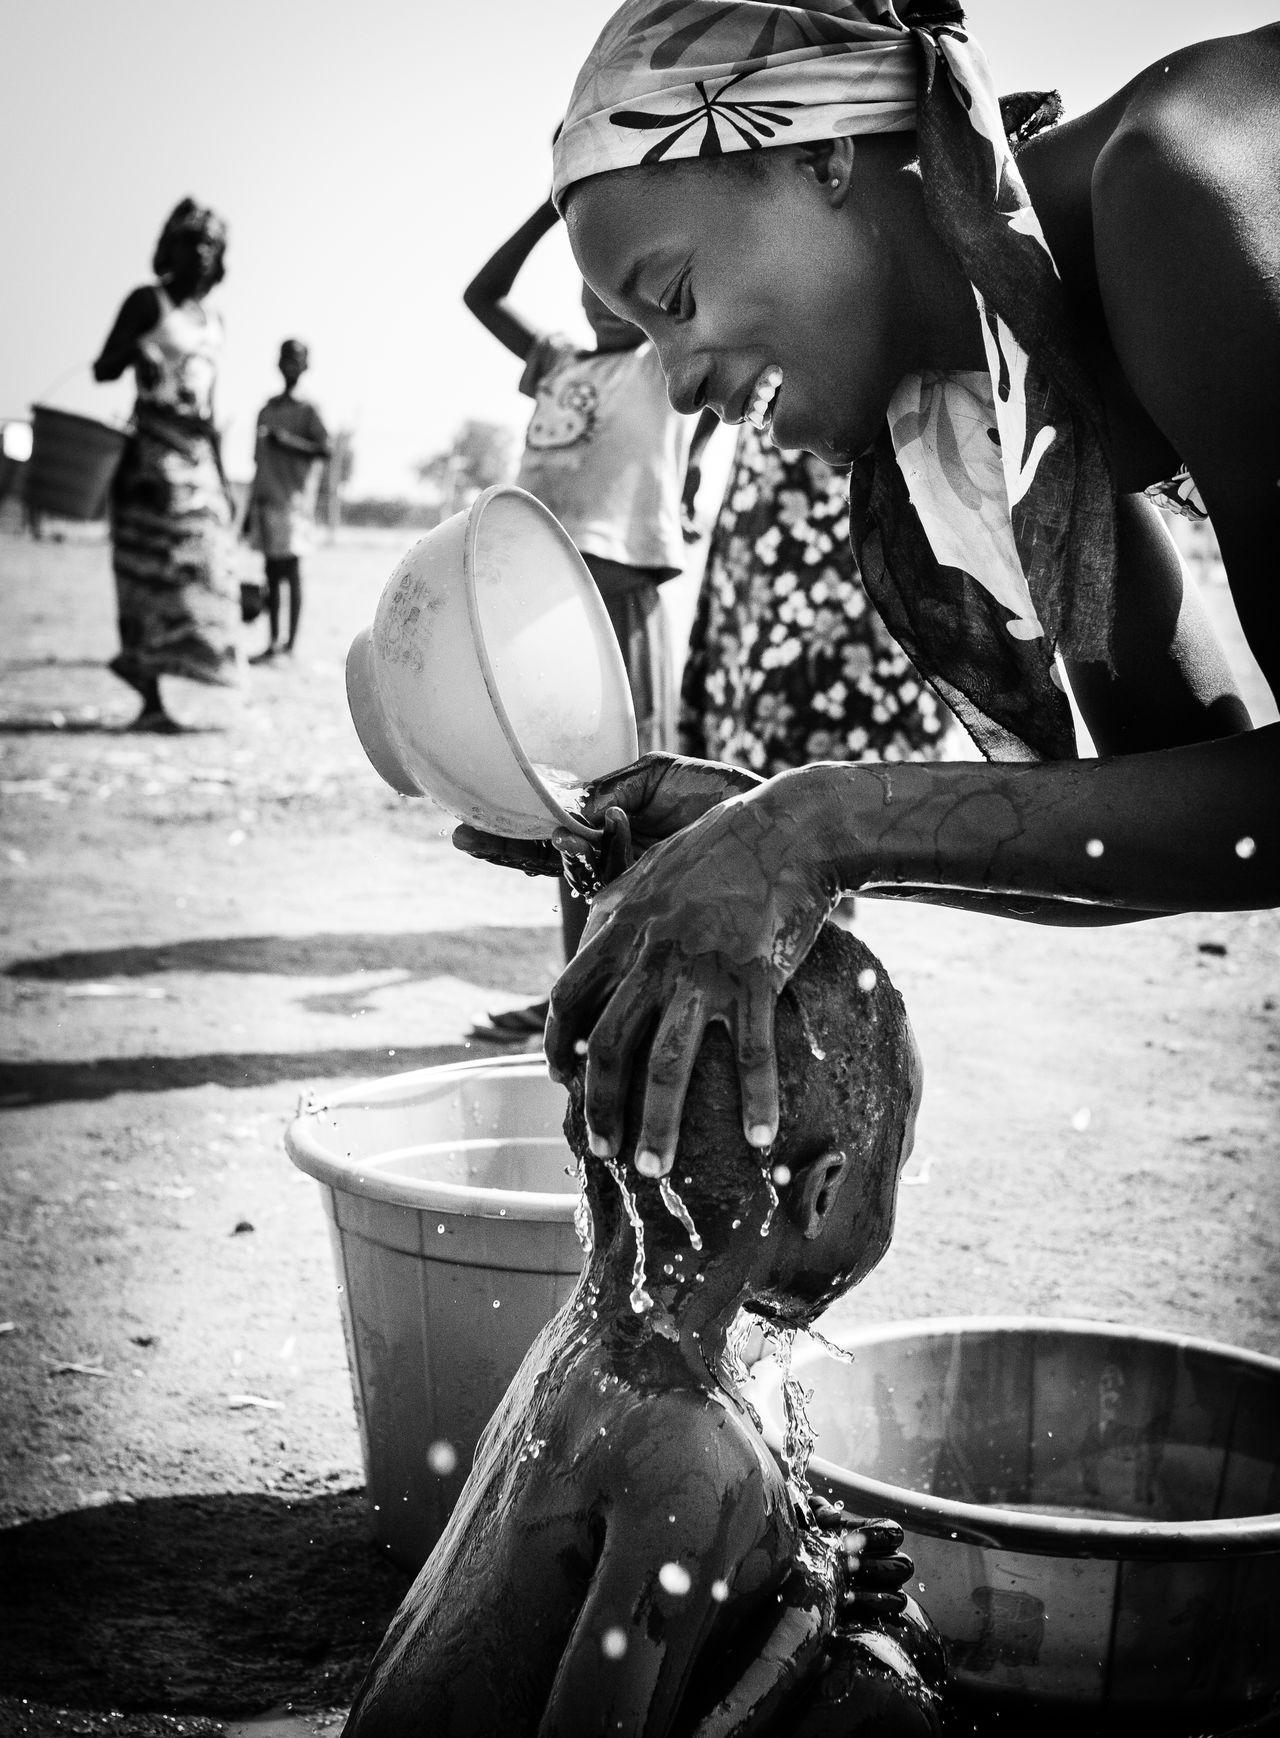 Taking Care Bathing Boko Haram Care EyeEm Best Shots EyEmNewHere Love Mother And Chils Nigeria Refugeecamp Refugees Crisis Terror The Photojournalist - 2017 EyeEm Awards Blackandwhite The Portraitist - 2017 EyeEm Awards Washing Yola